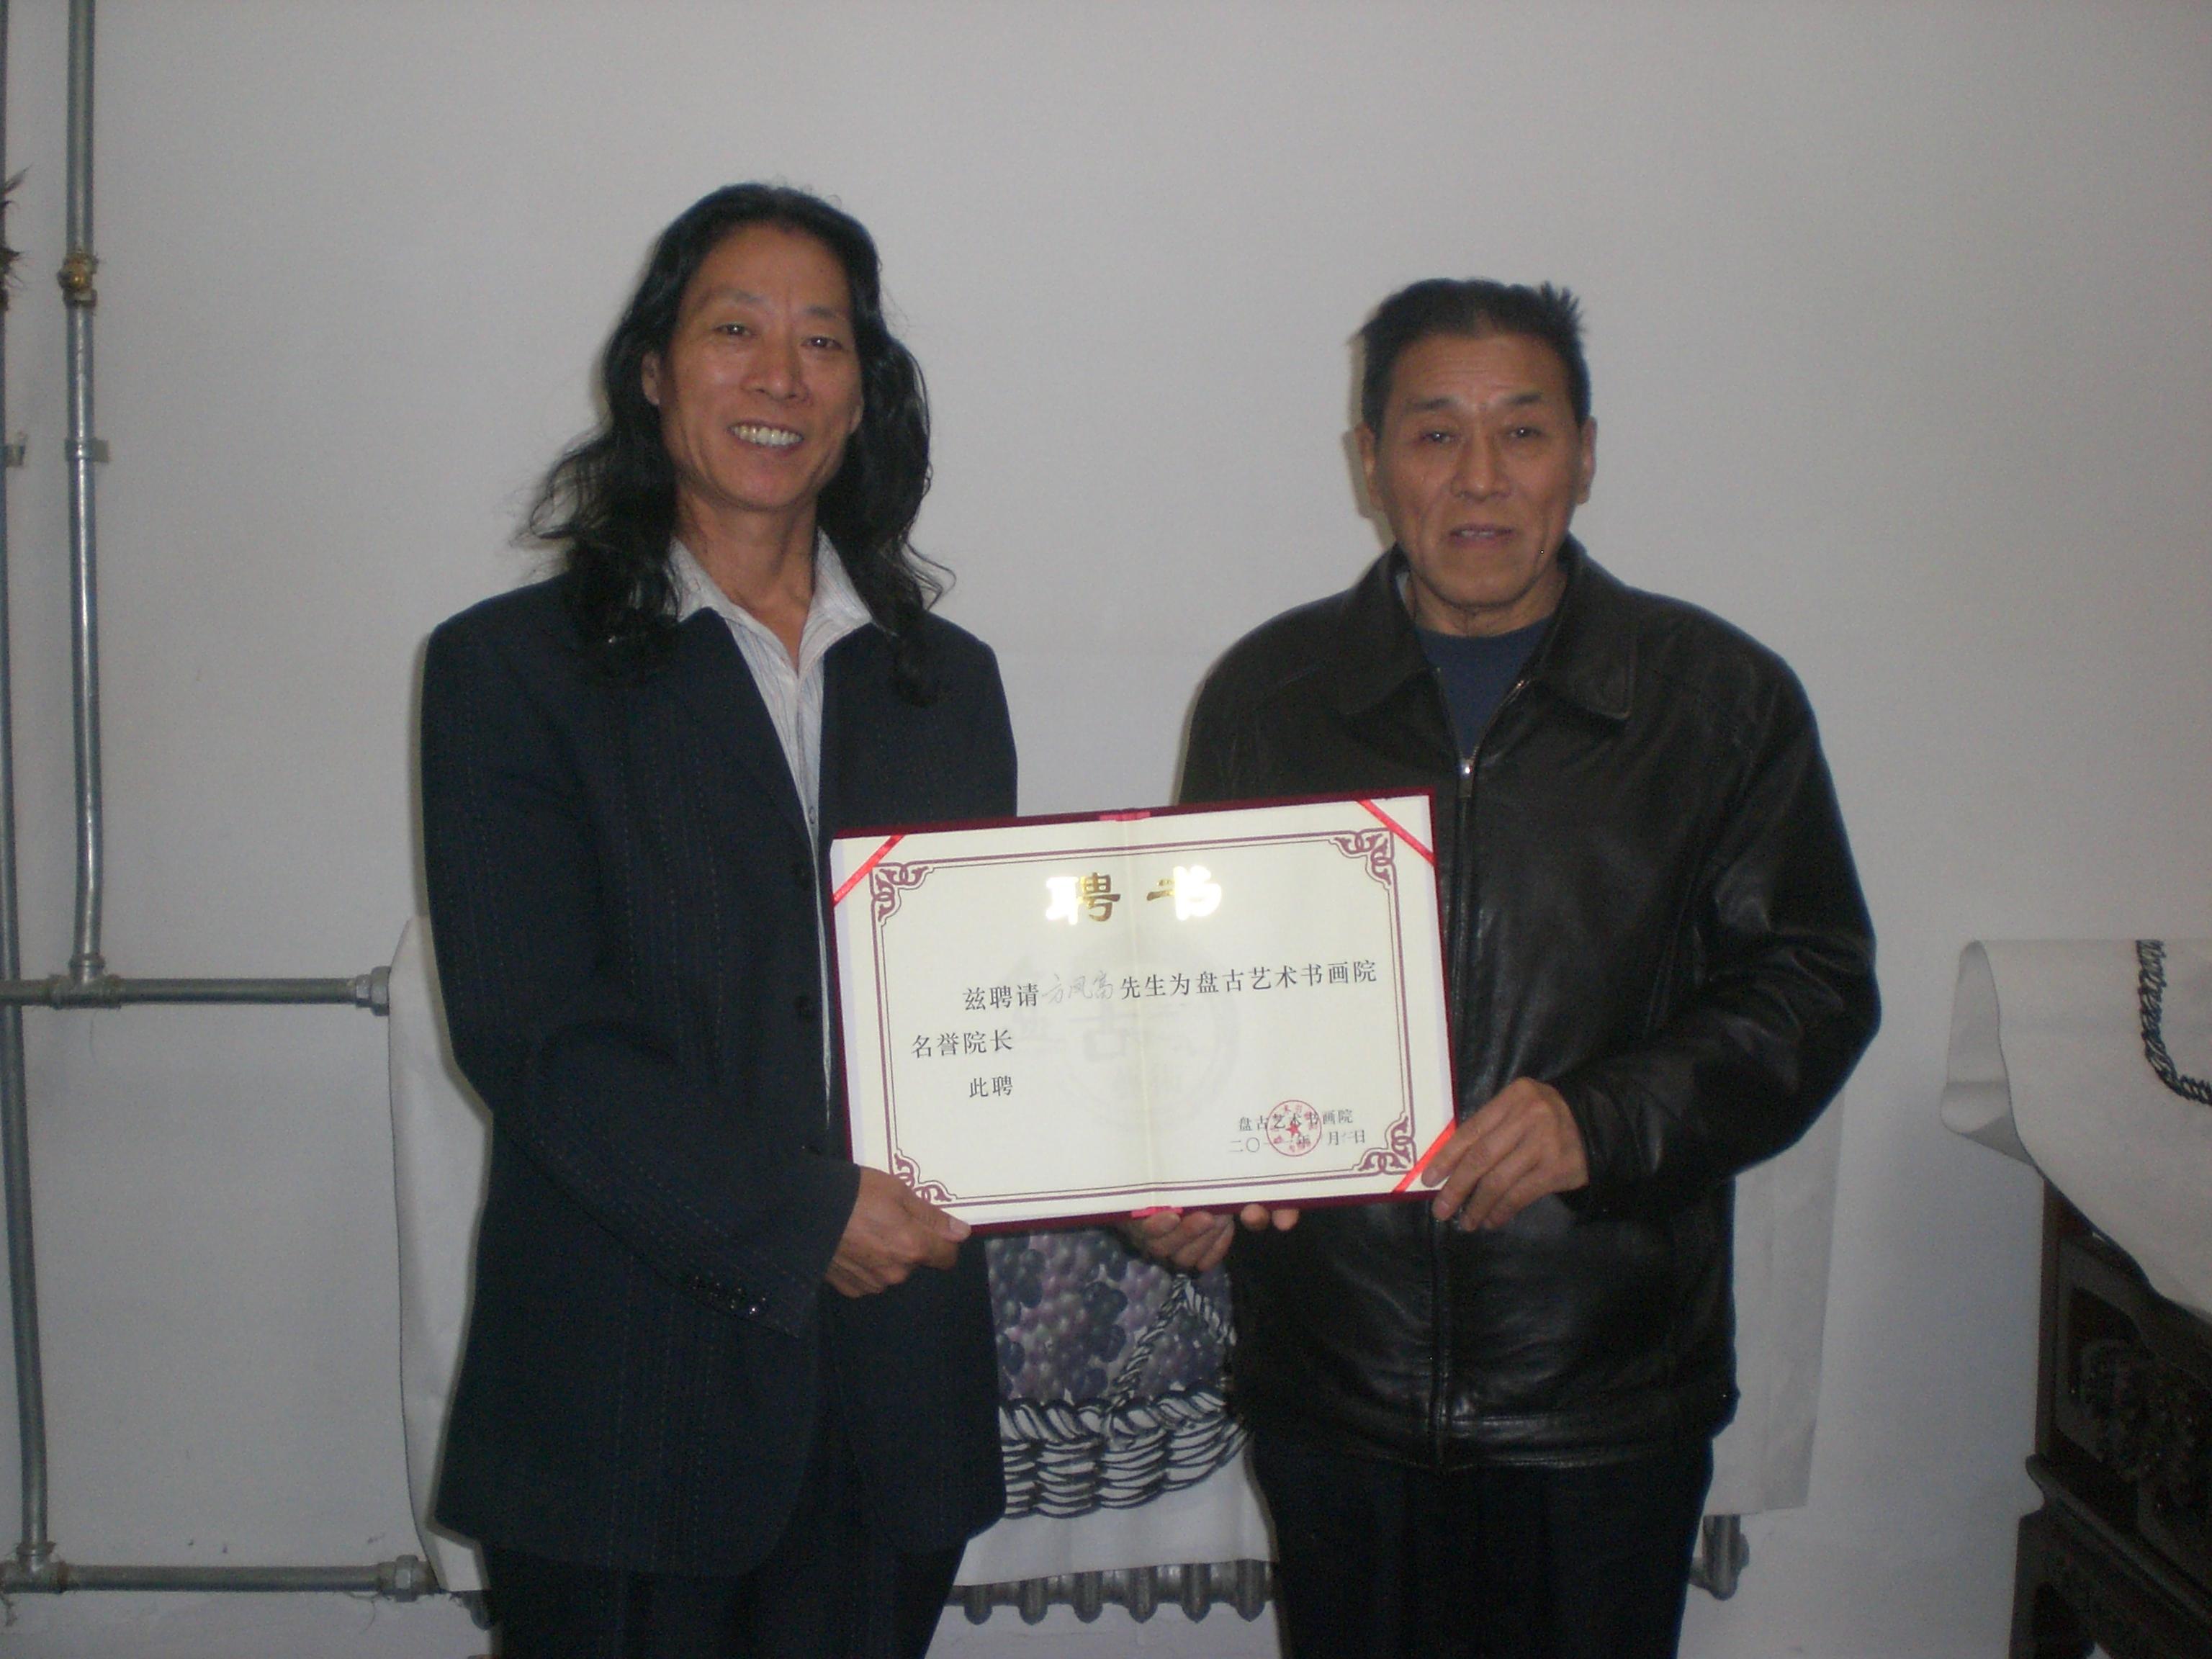 林贵春代表盘古艺术书画院向方凤富颁发名誉院长聘书